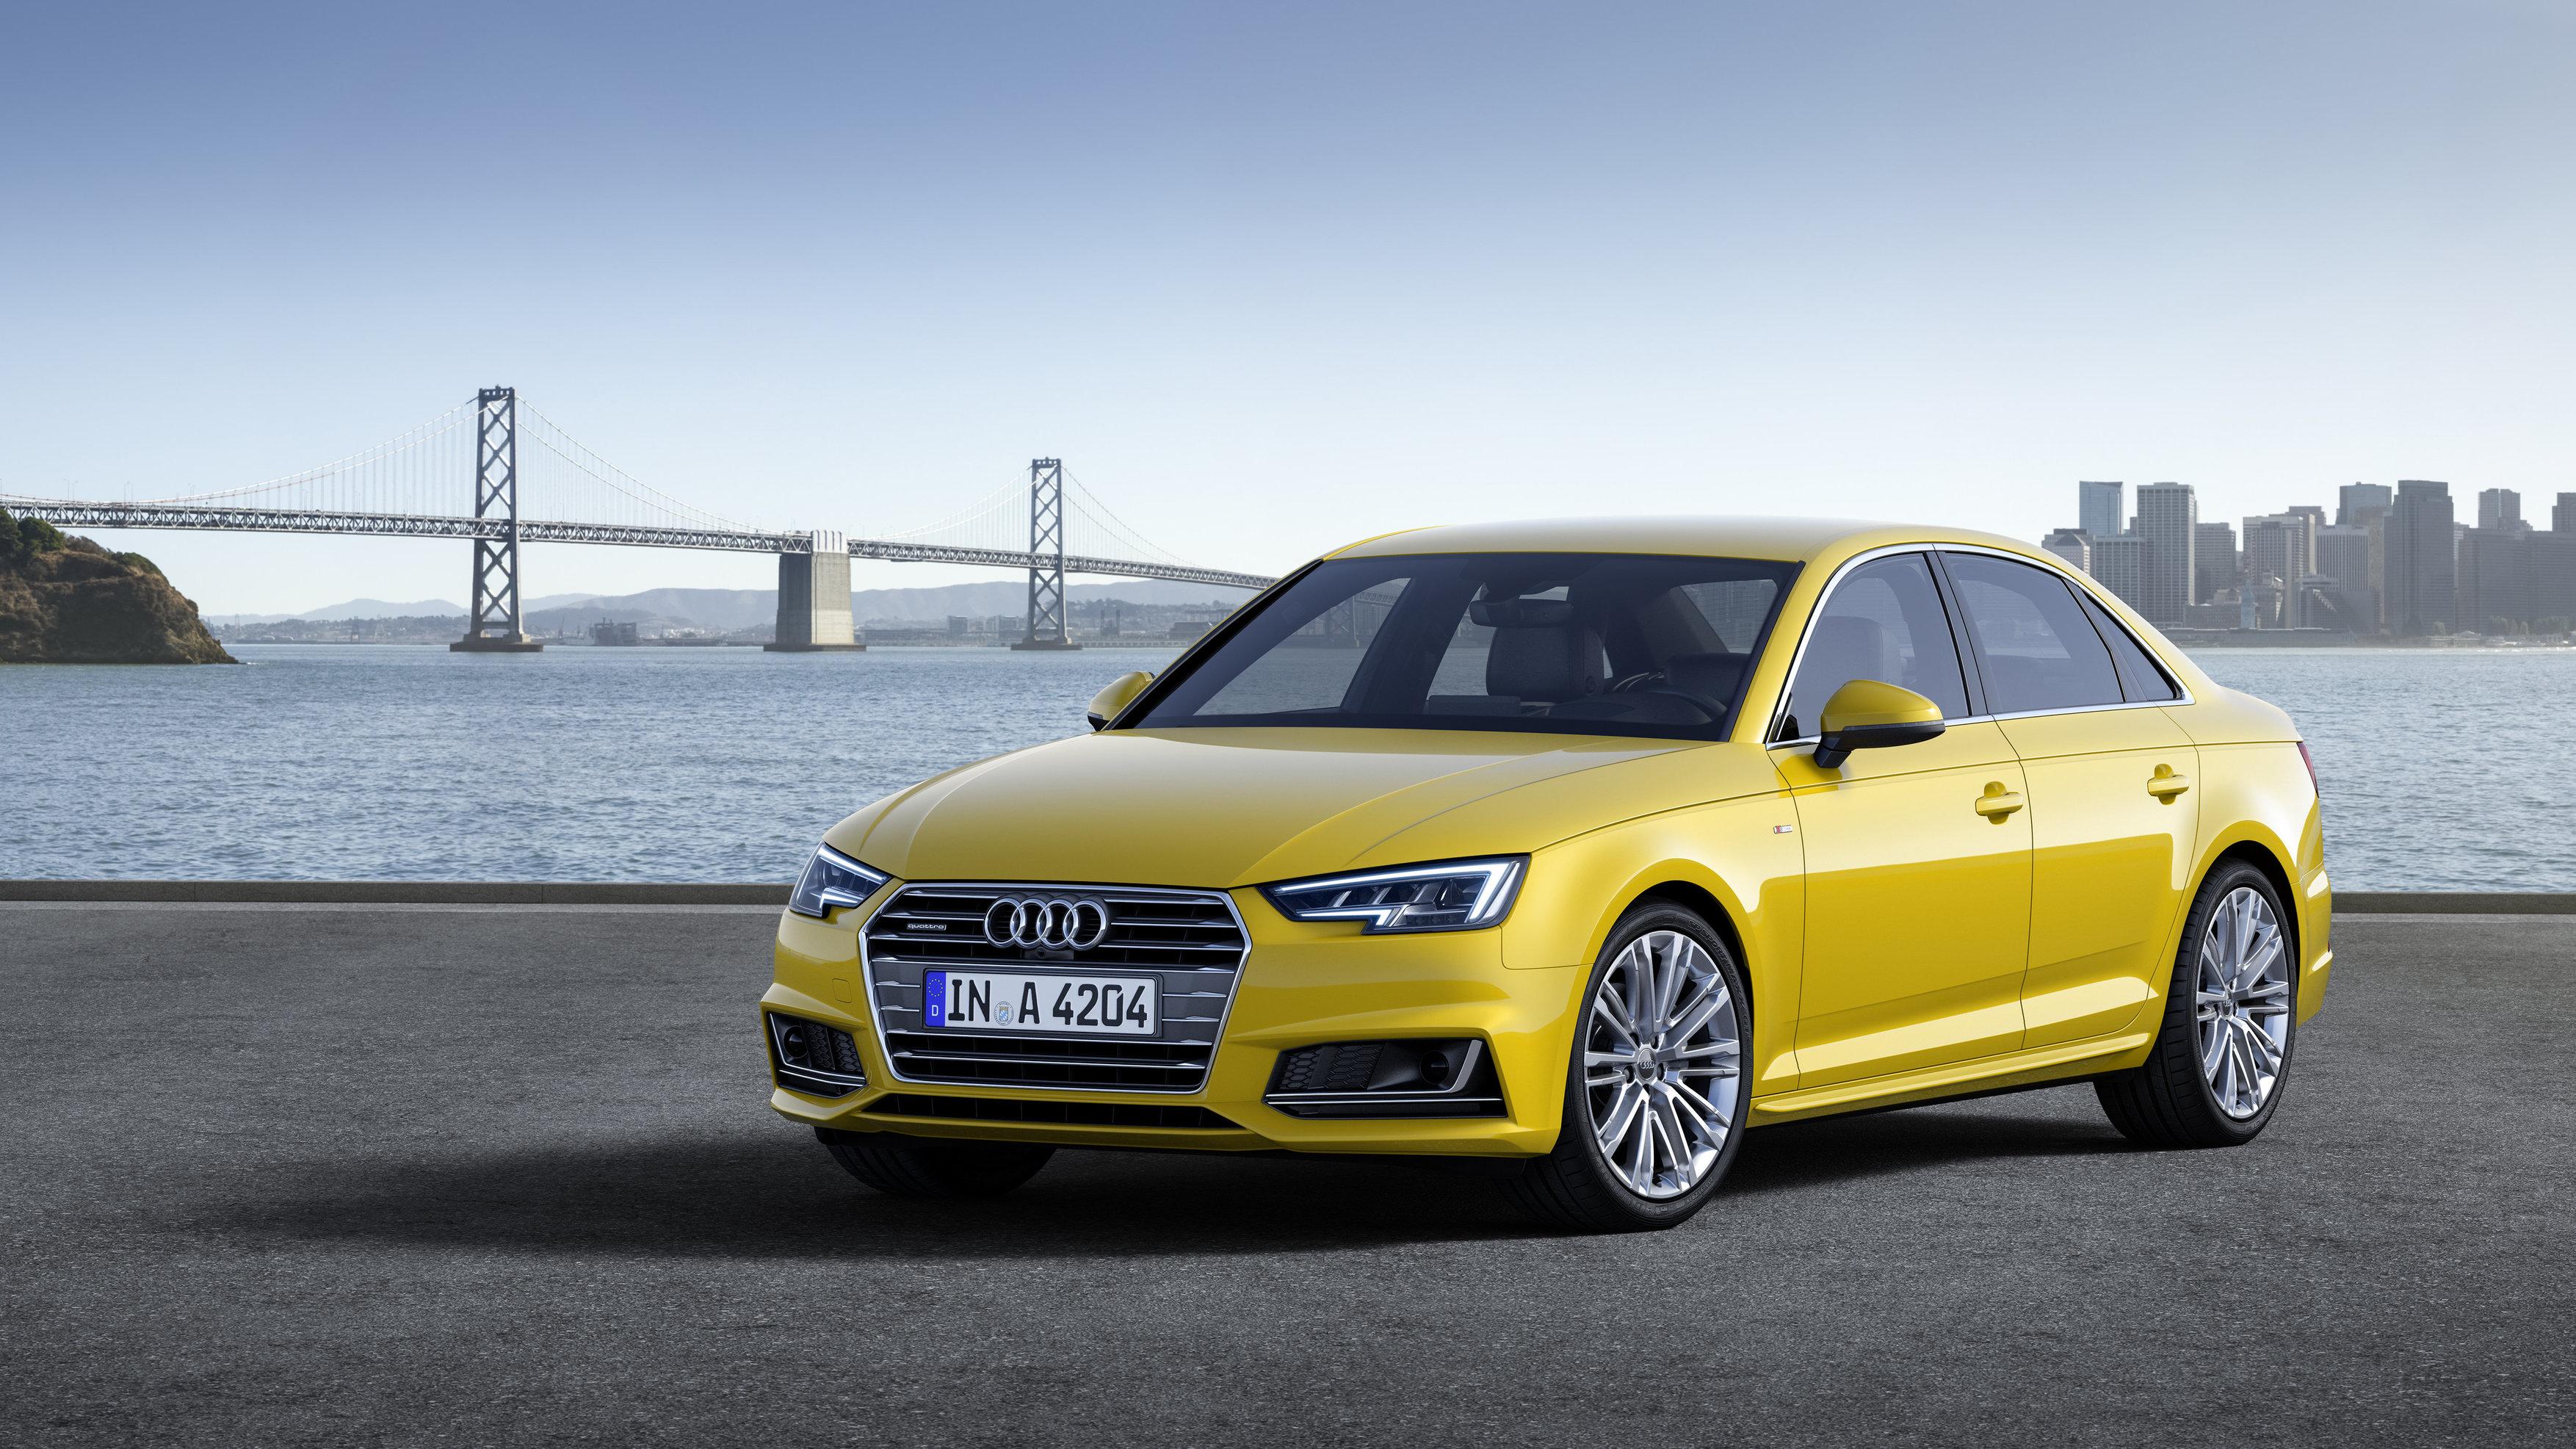 Audi-Viet-Nam-tang-den-200-trieu-dong-khi-mua-xe-trong-thang-10-anh-1